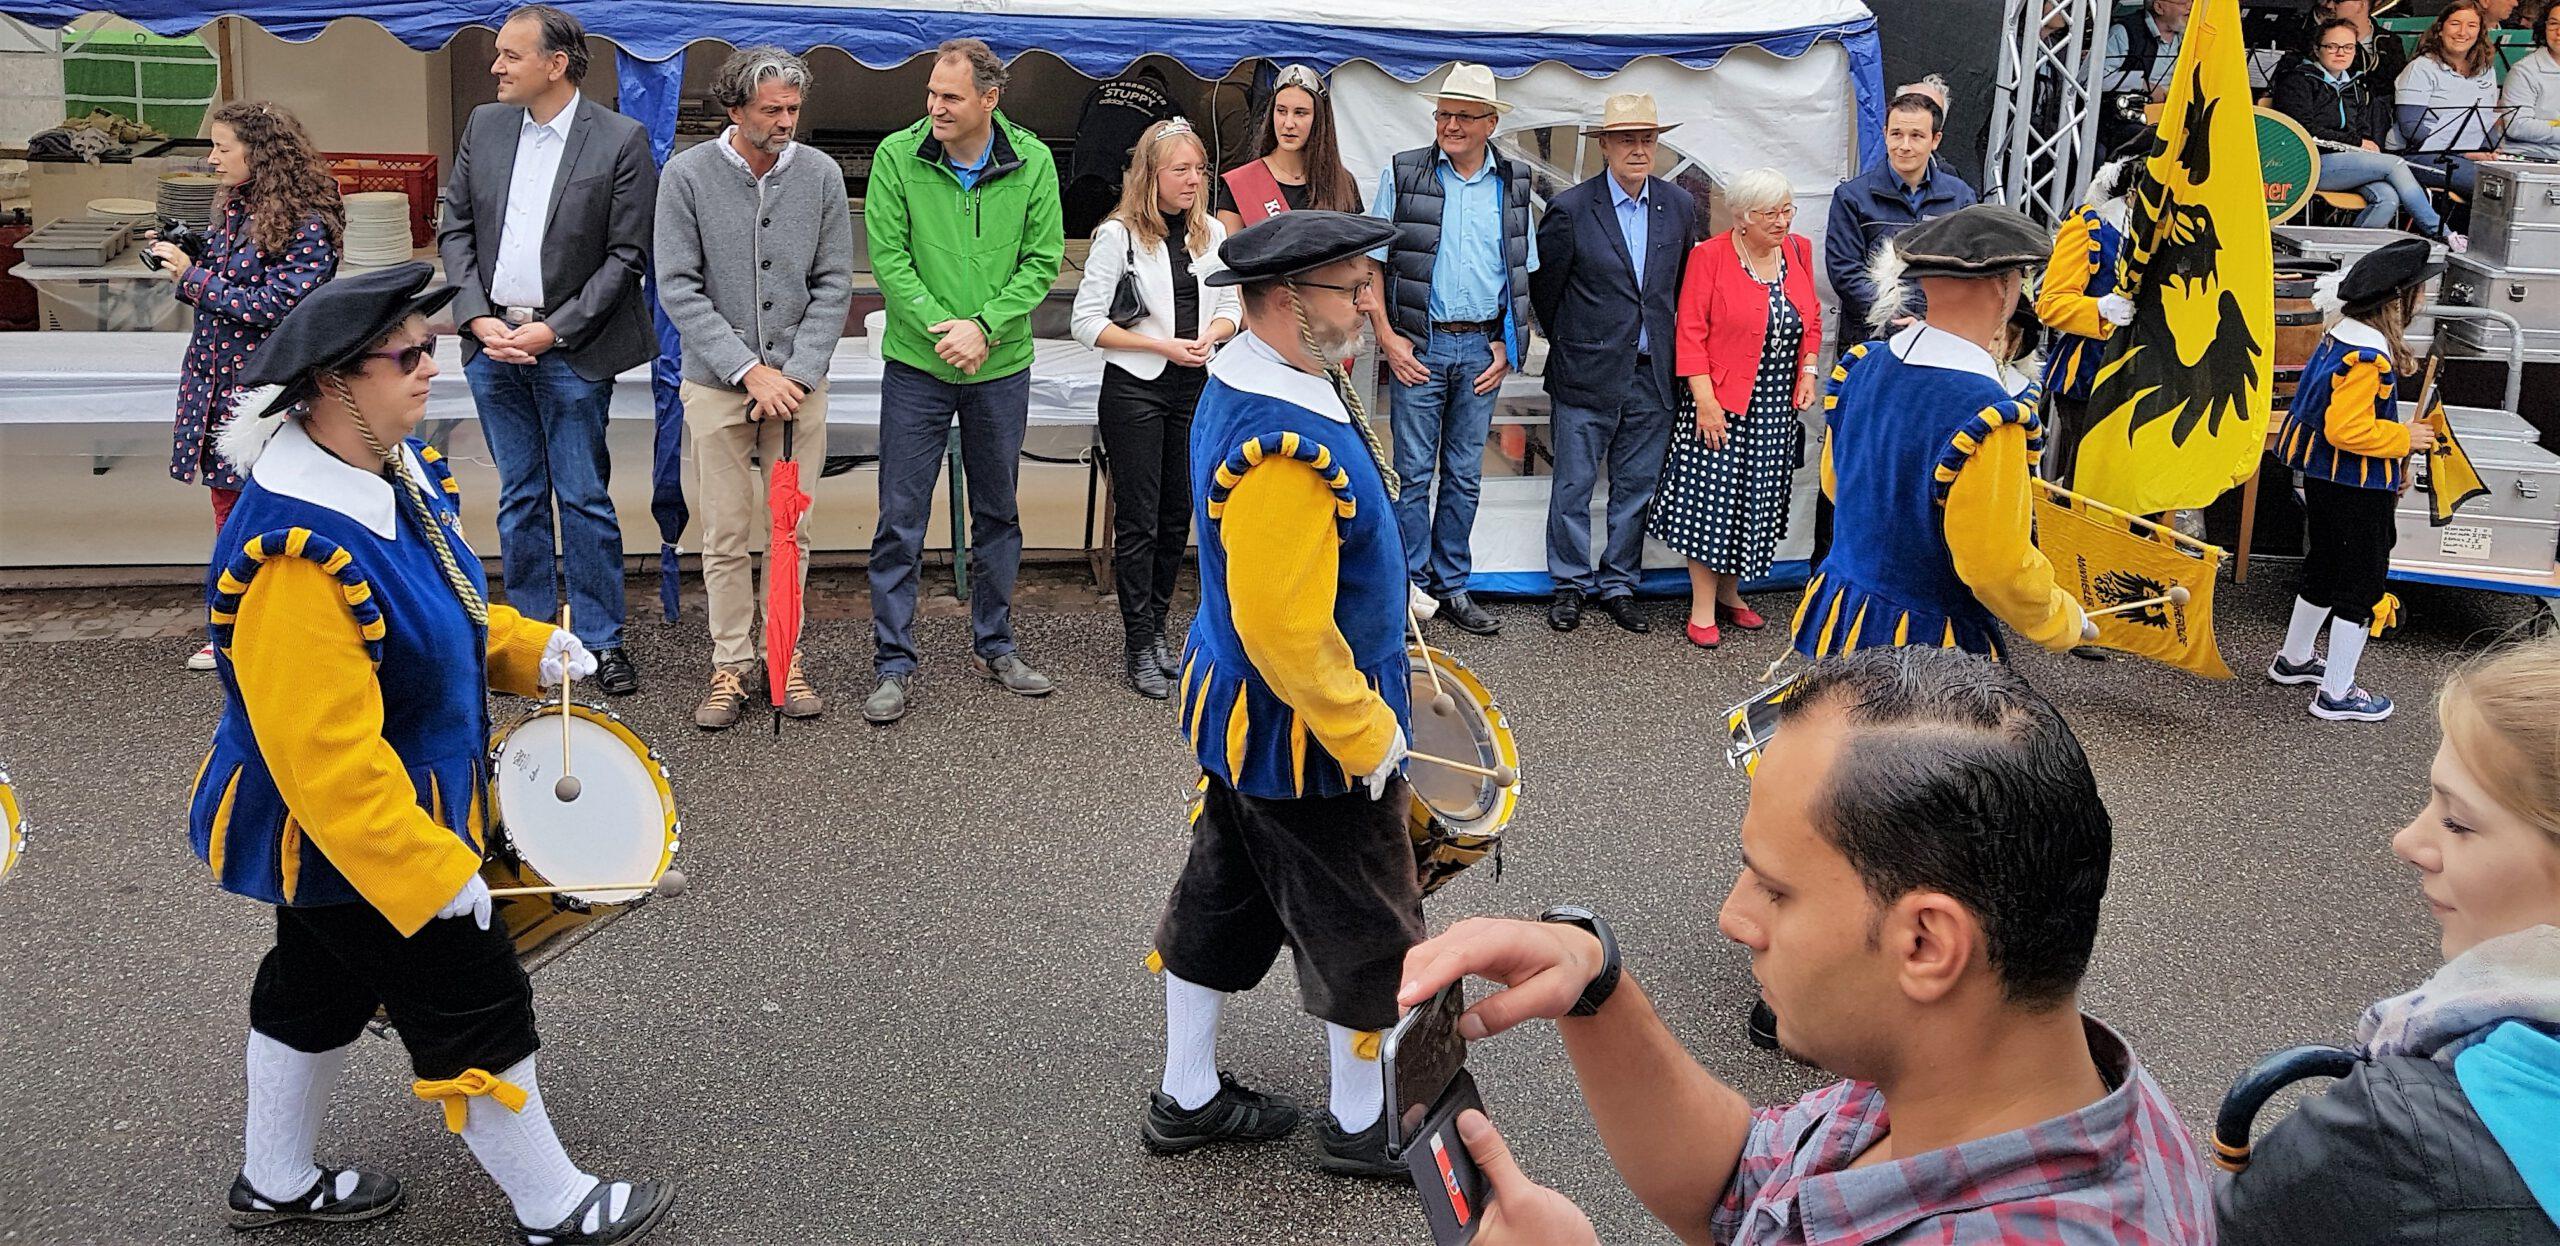 Viele Besucher und gute Stimmung. Impressionen vom Sommerfest der VG Annweiler